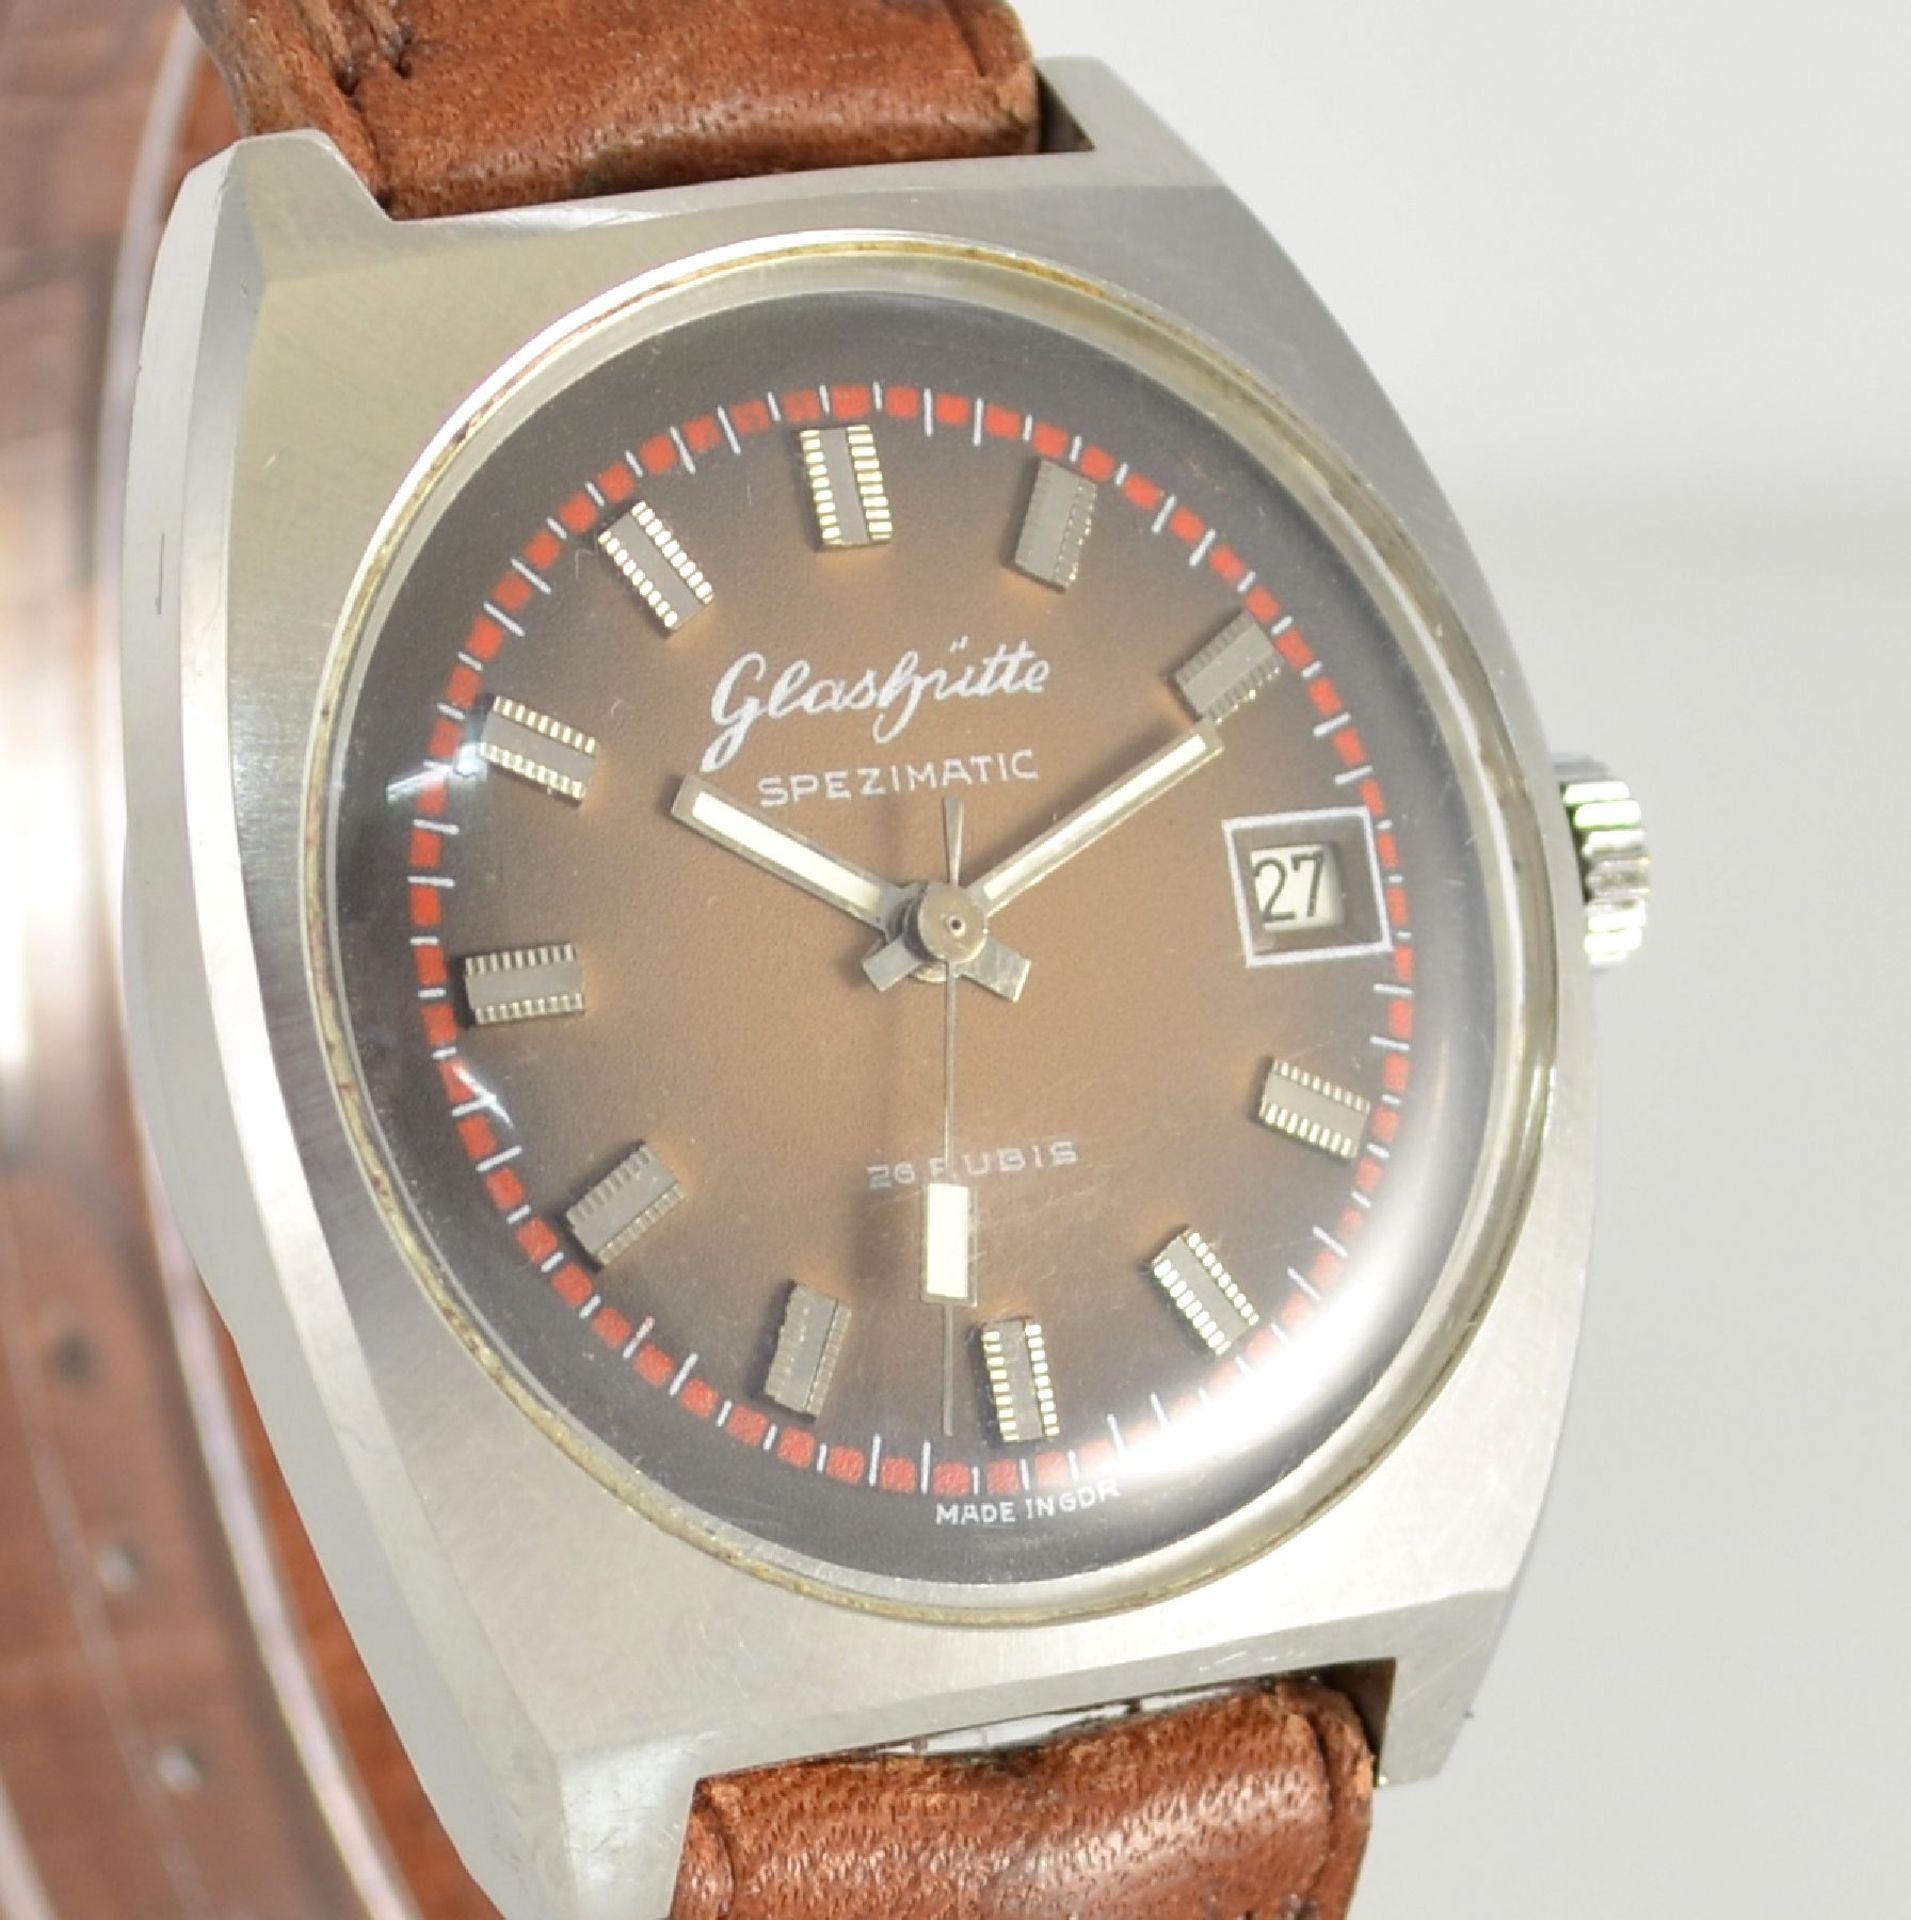 GLASHÜTTE Armbanduhr Spezimatic in Edelstahl, Automatik, DDR um 1970, Boden aufgedr., ausgef. - Bild 4 aus 5